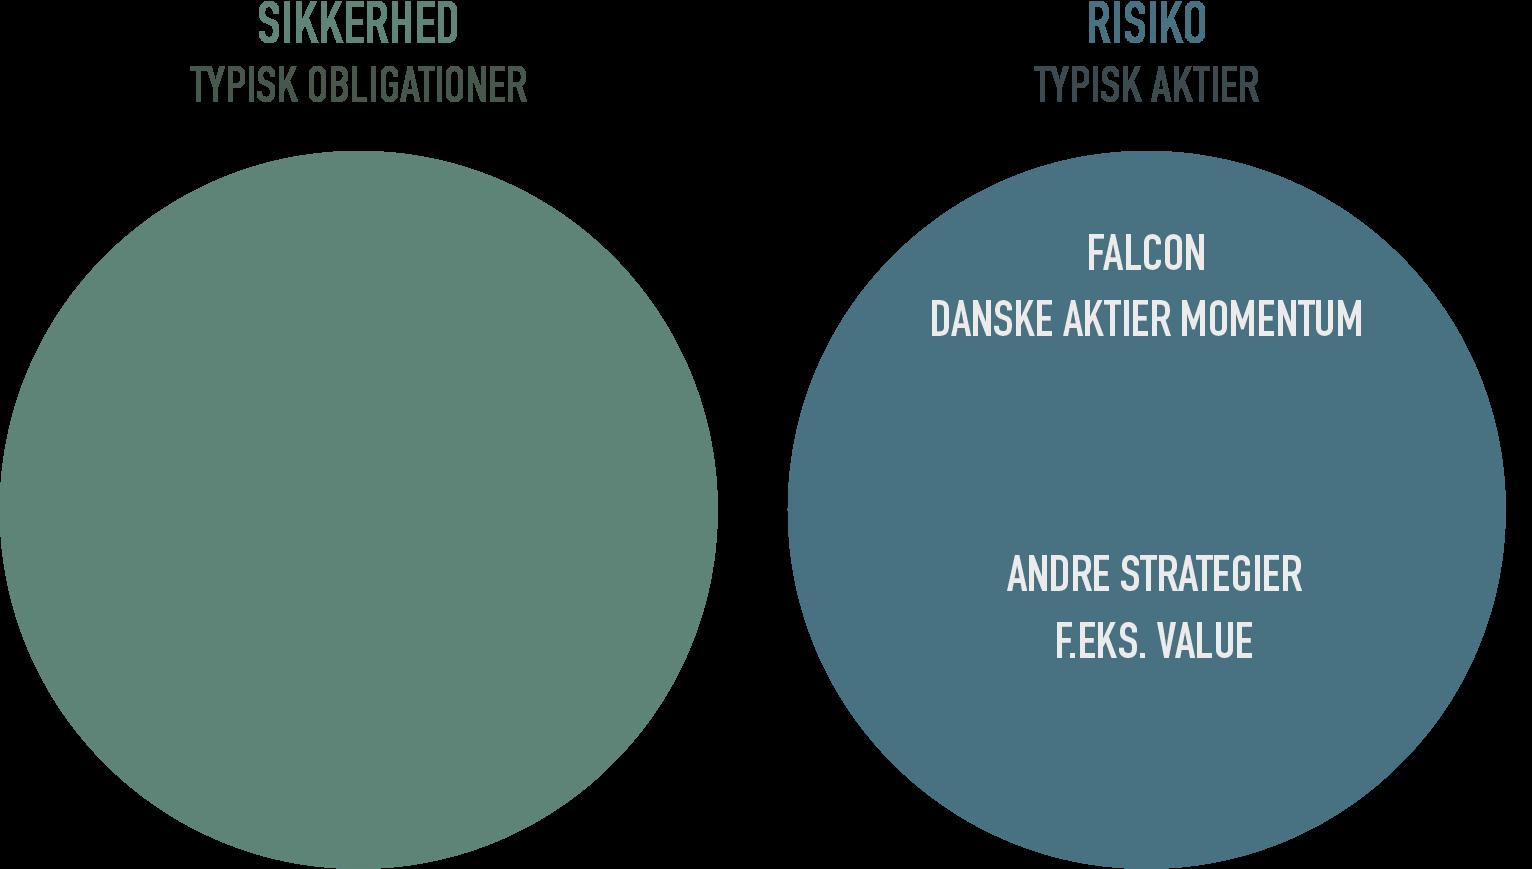 Falcon Danske Aktier Momentum som portefølje element